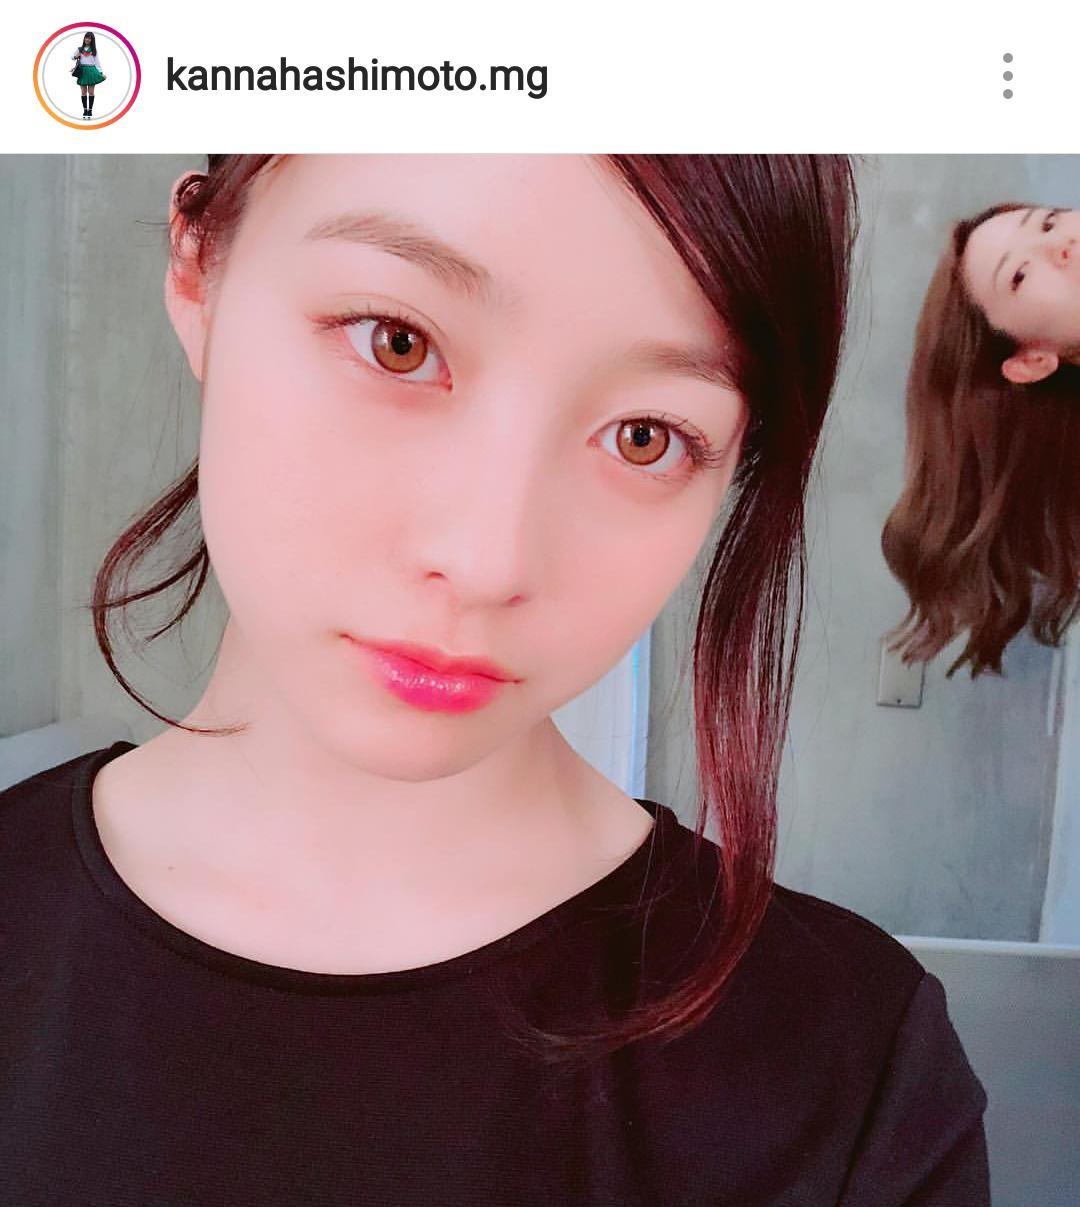 Mr. Kanna Hashimoto becomes a sister